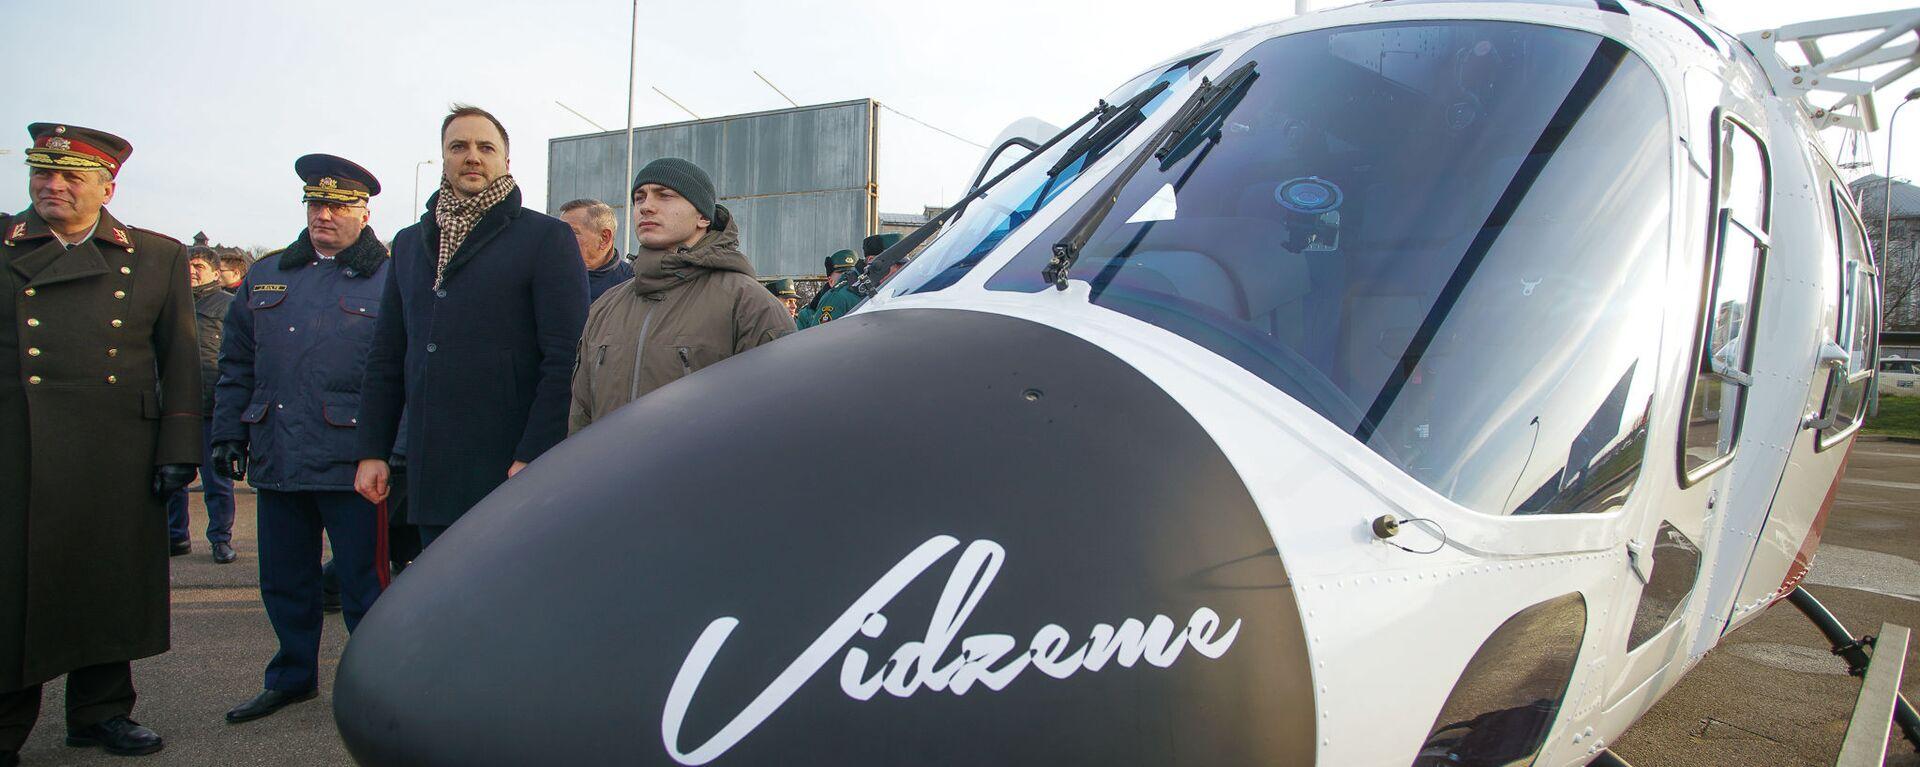 Глава МВД Латвии Сандис Гиргенс на церемонии приемки вертолетов AW 119 Kx - Sputnik Латвия, 1920, 02.11.2020